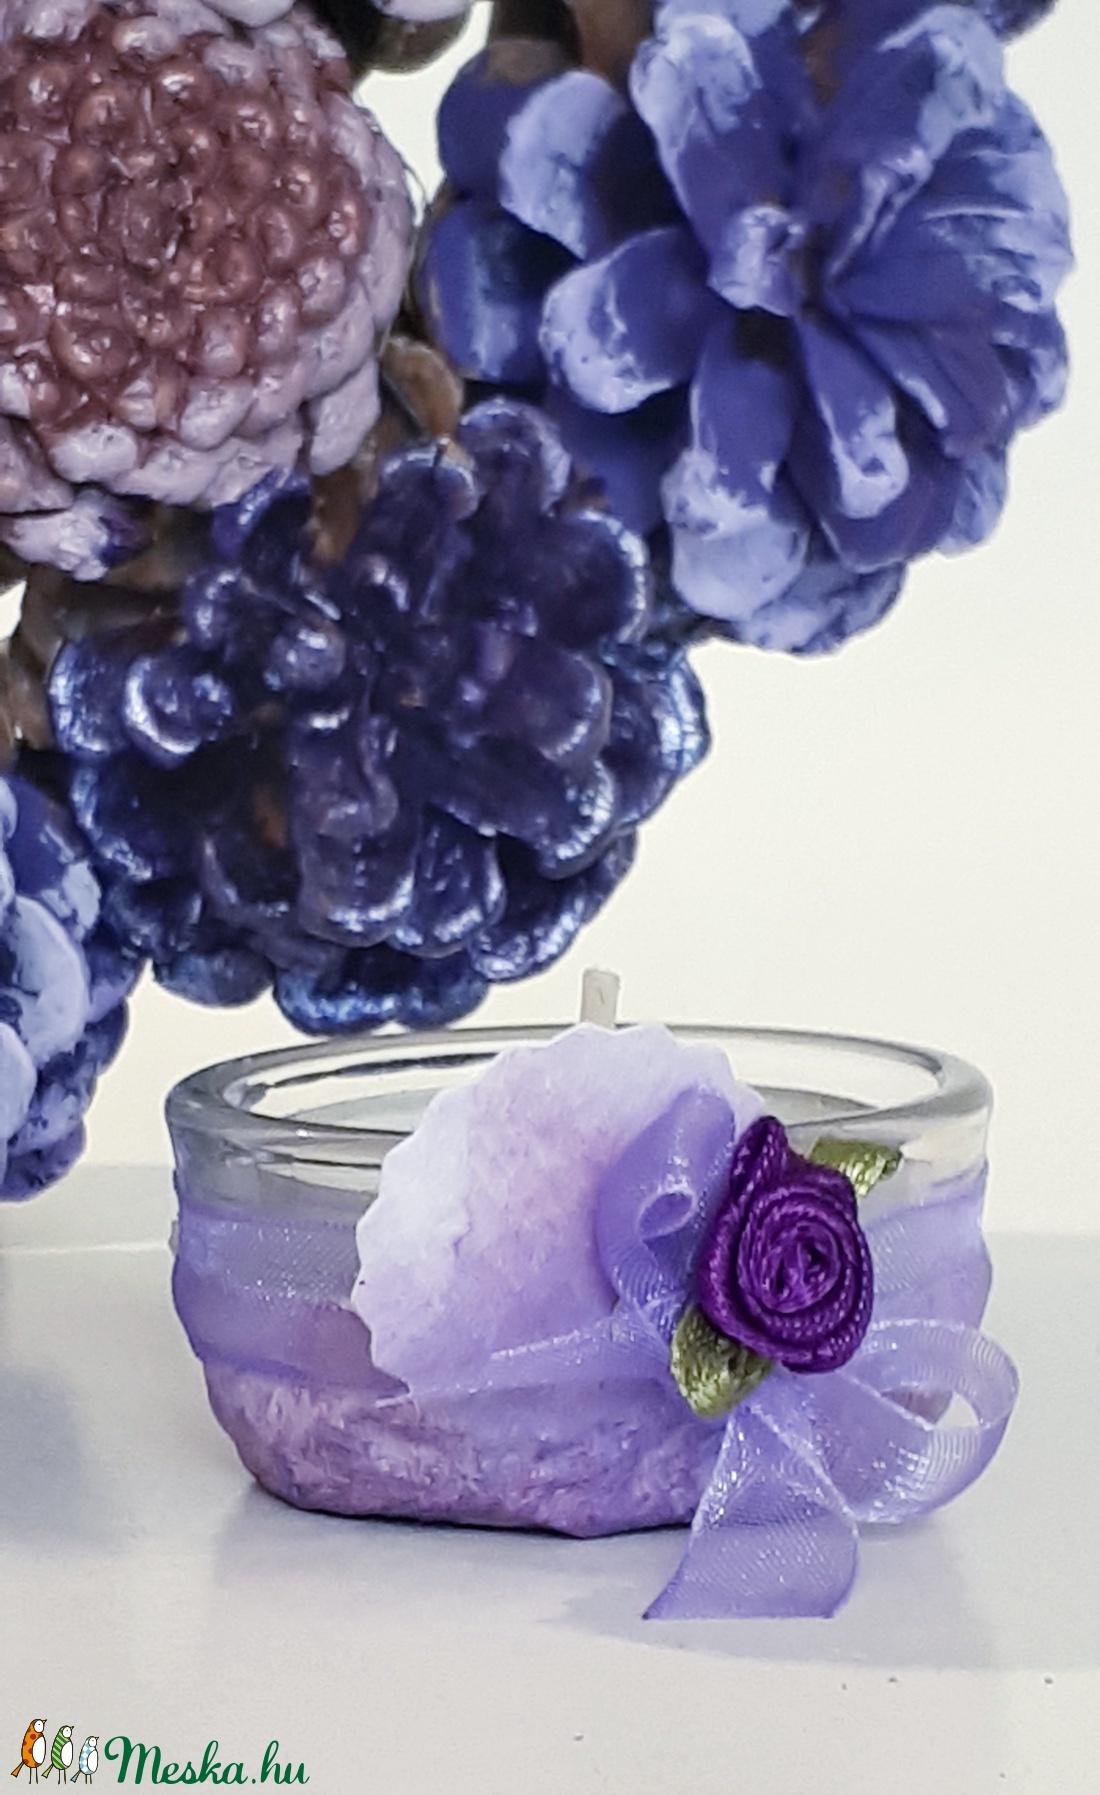 Nálunk az ősz lilában kopogtat, lila mini üveg festett teamécses, lila asztali dekoráció ajándék lila kedvelőknek.  (Biborvarazs) - Meska.hu